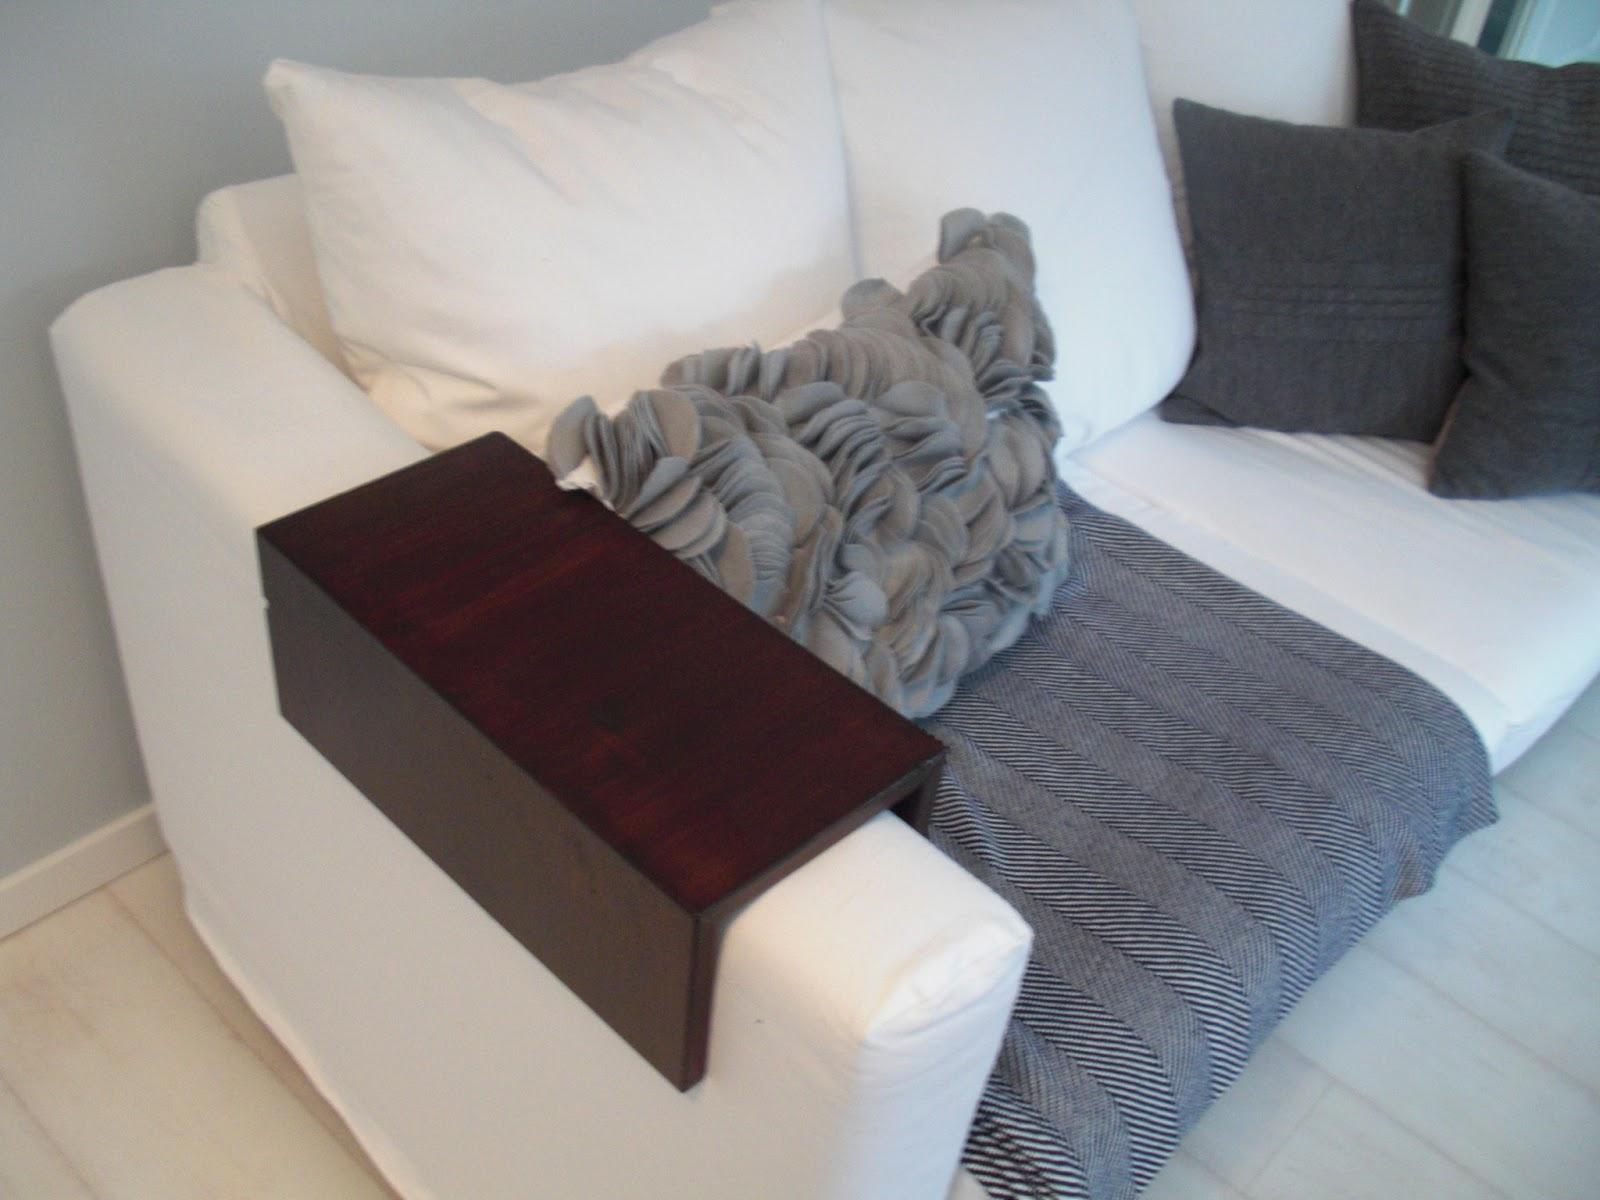 heim elich p inspiriert ablage sofalehne. Black Bedroom Furniture Sets. Home Design Ideas